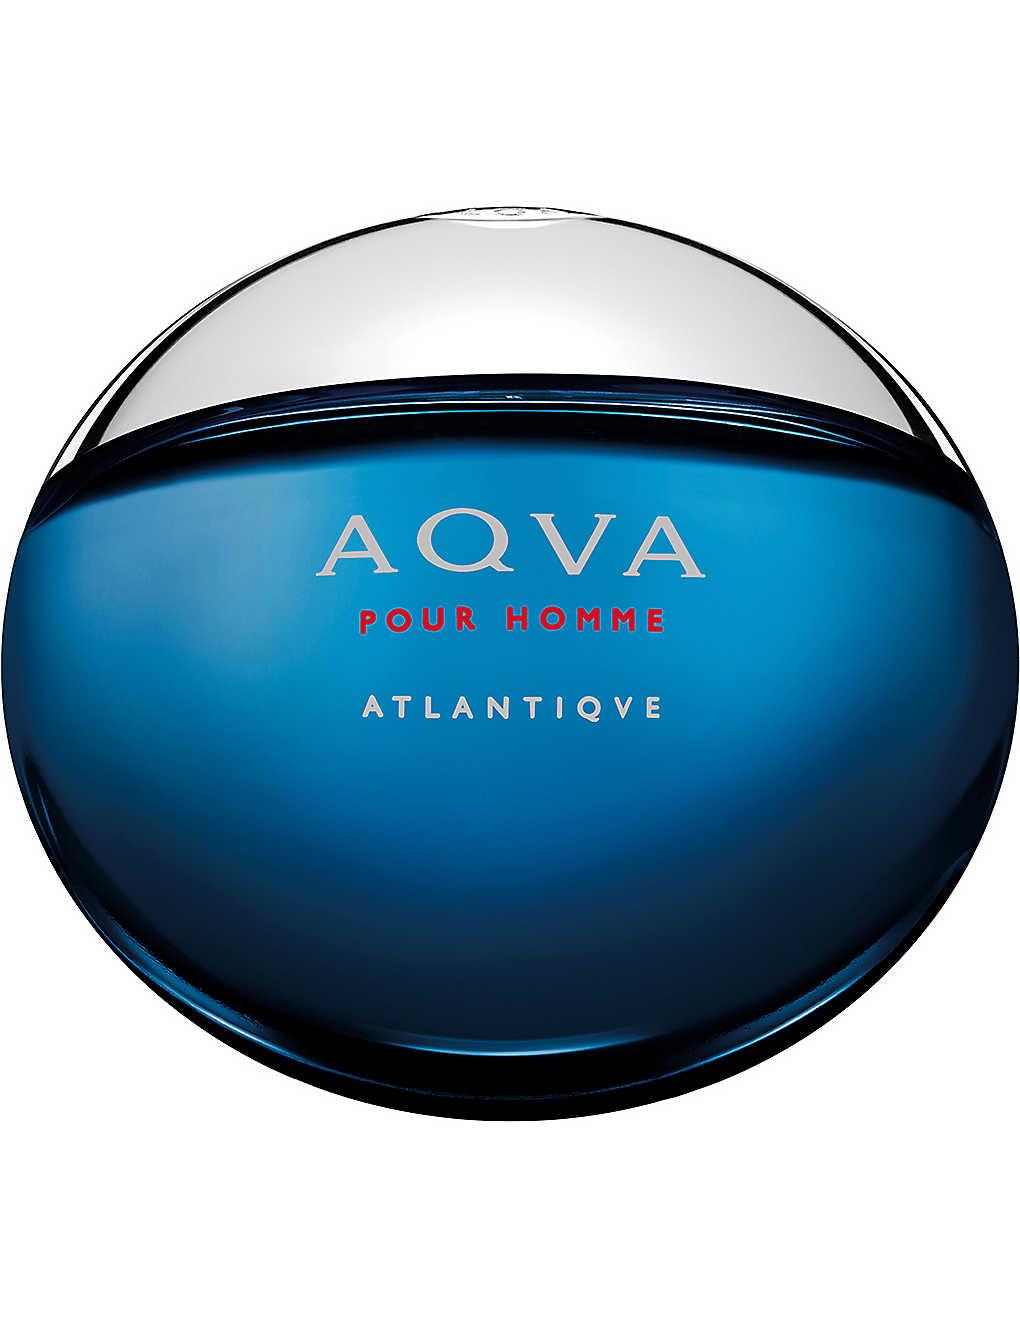 Bvlgari Aqva Pour Homme Atlantique Eau De Parfum Selfridgescomm